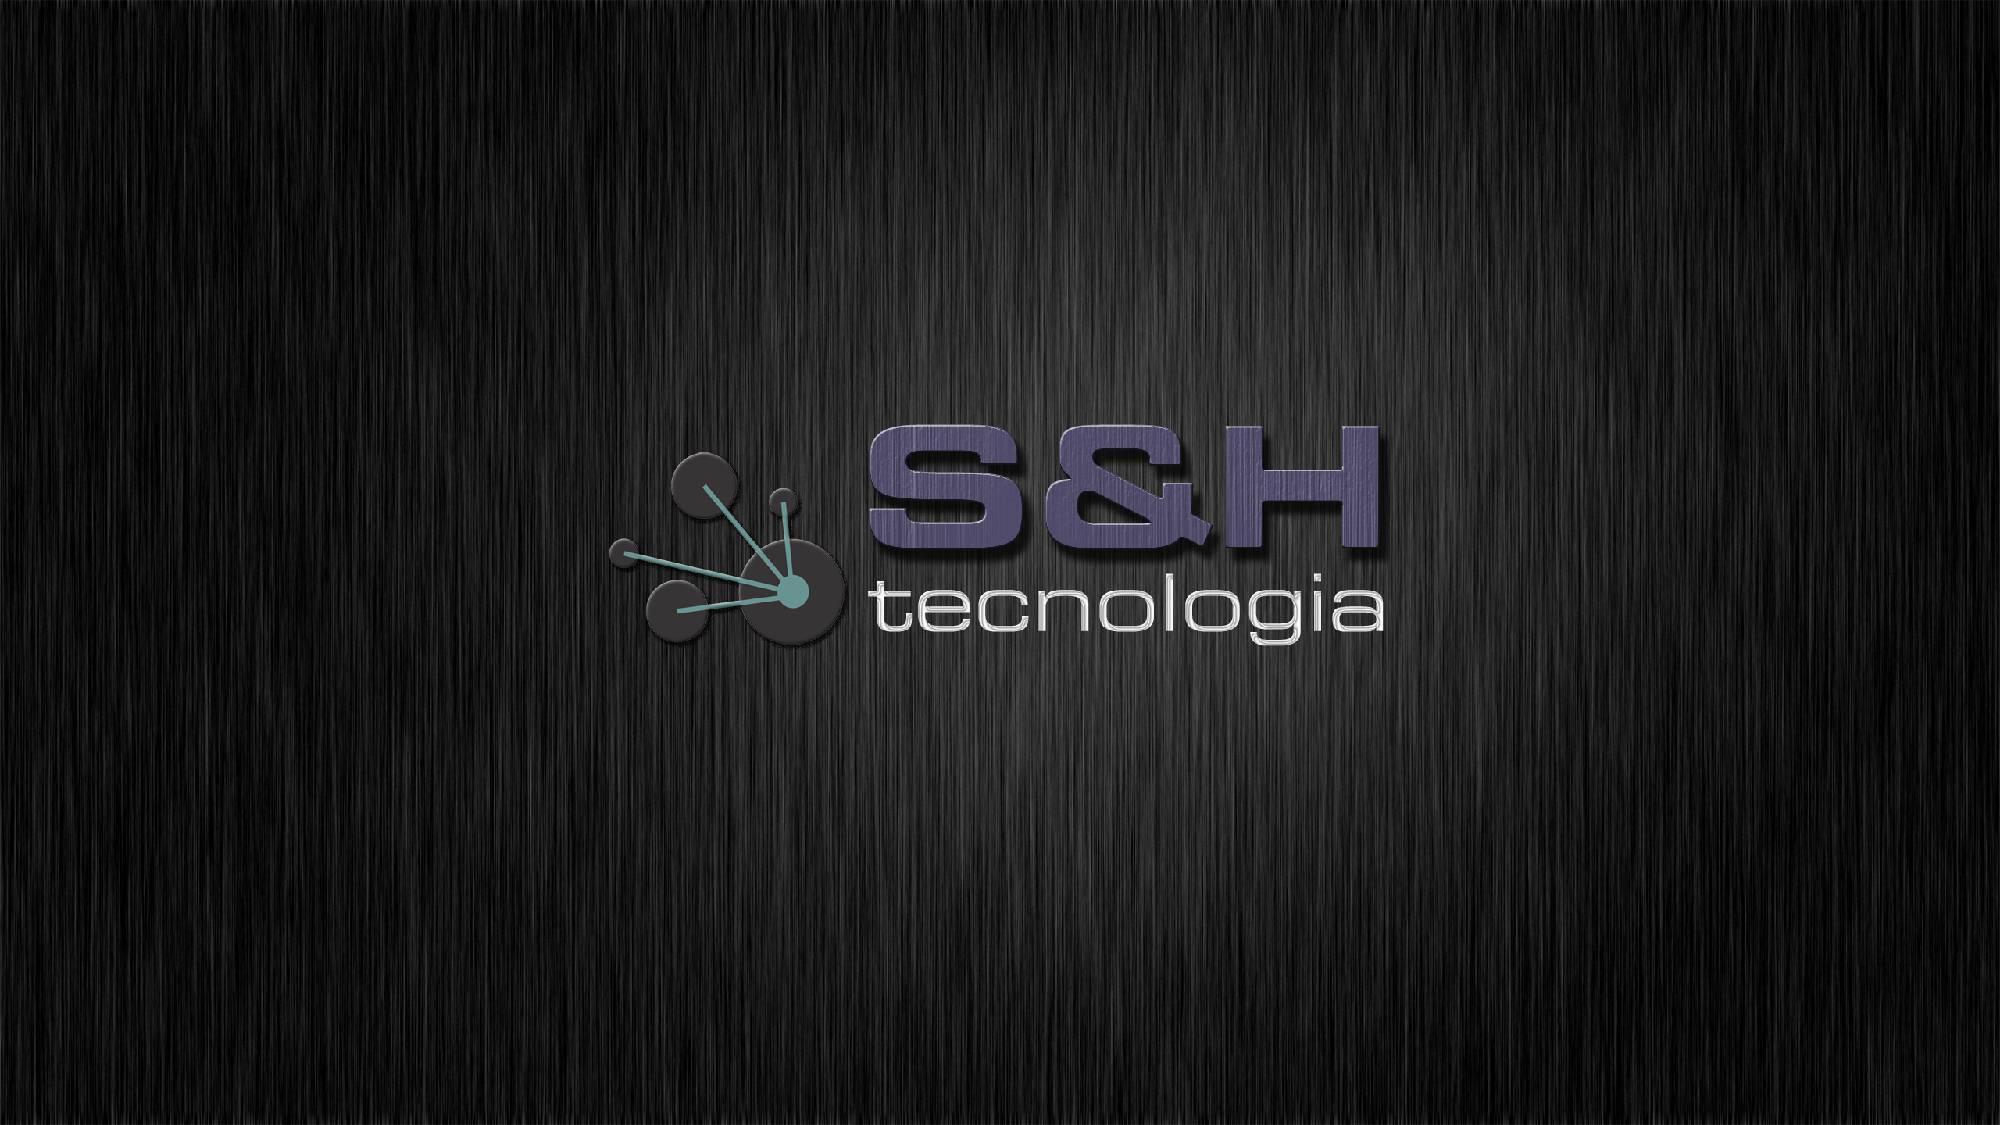 S&H tecnologia